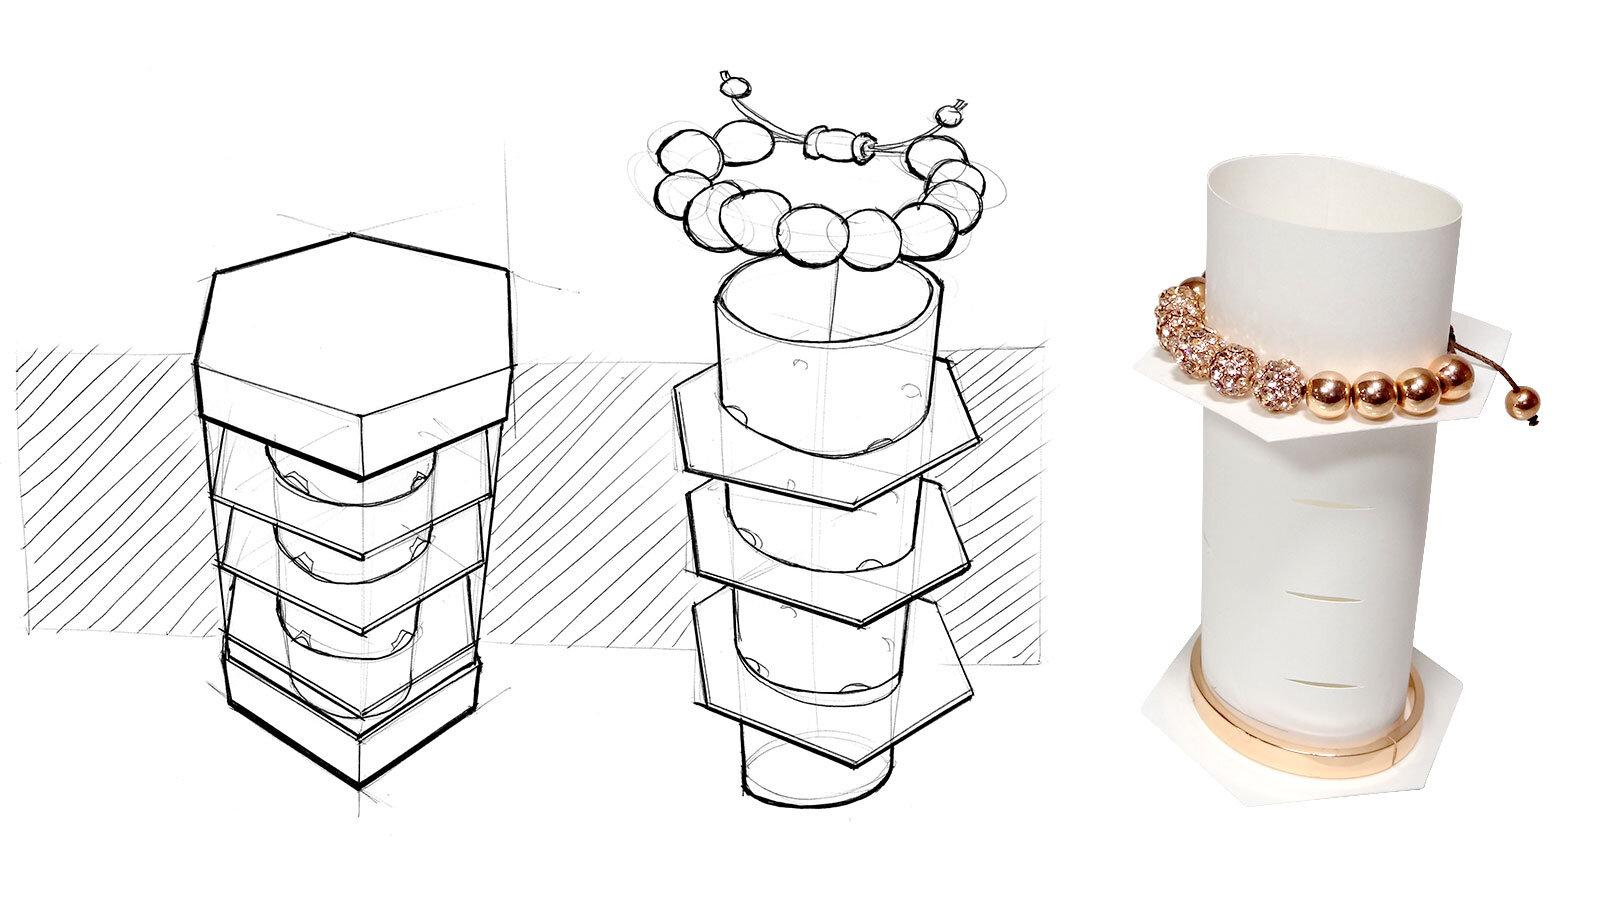 中间人吧 - 电子商务 - 珠宝包装 - 公司设计-3.JPG